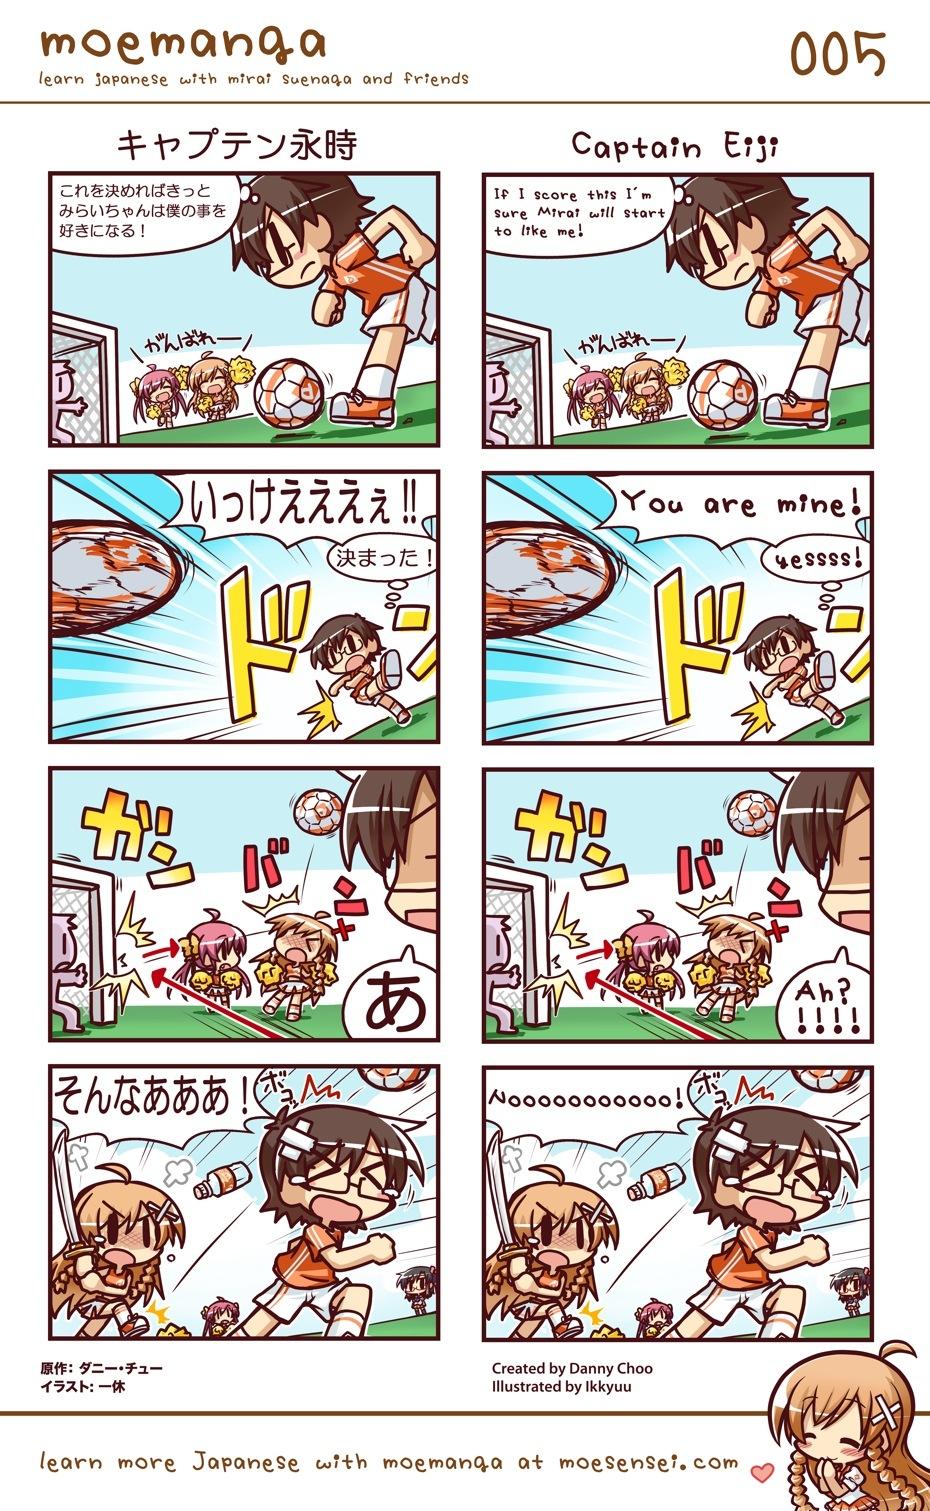 MoeManga 005: Captain Eiji